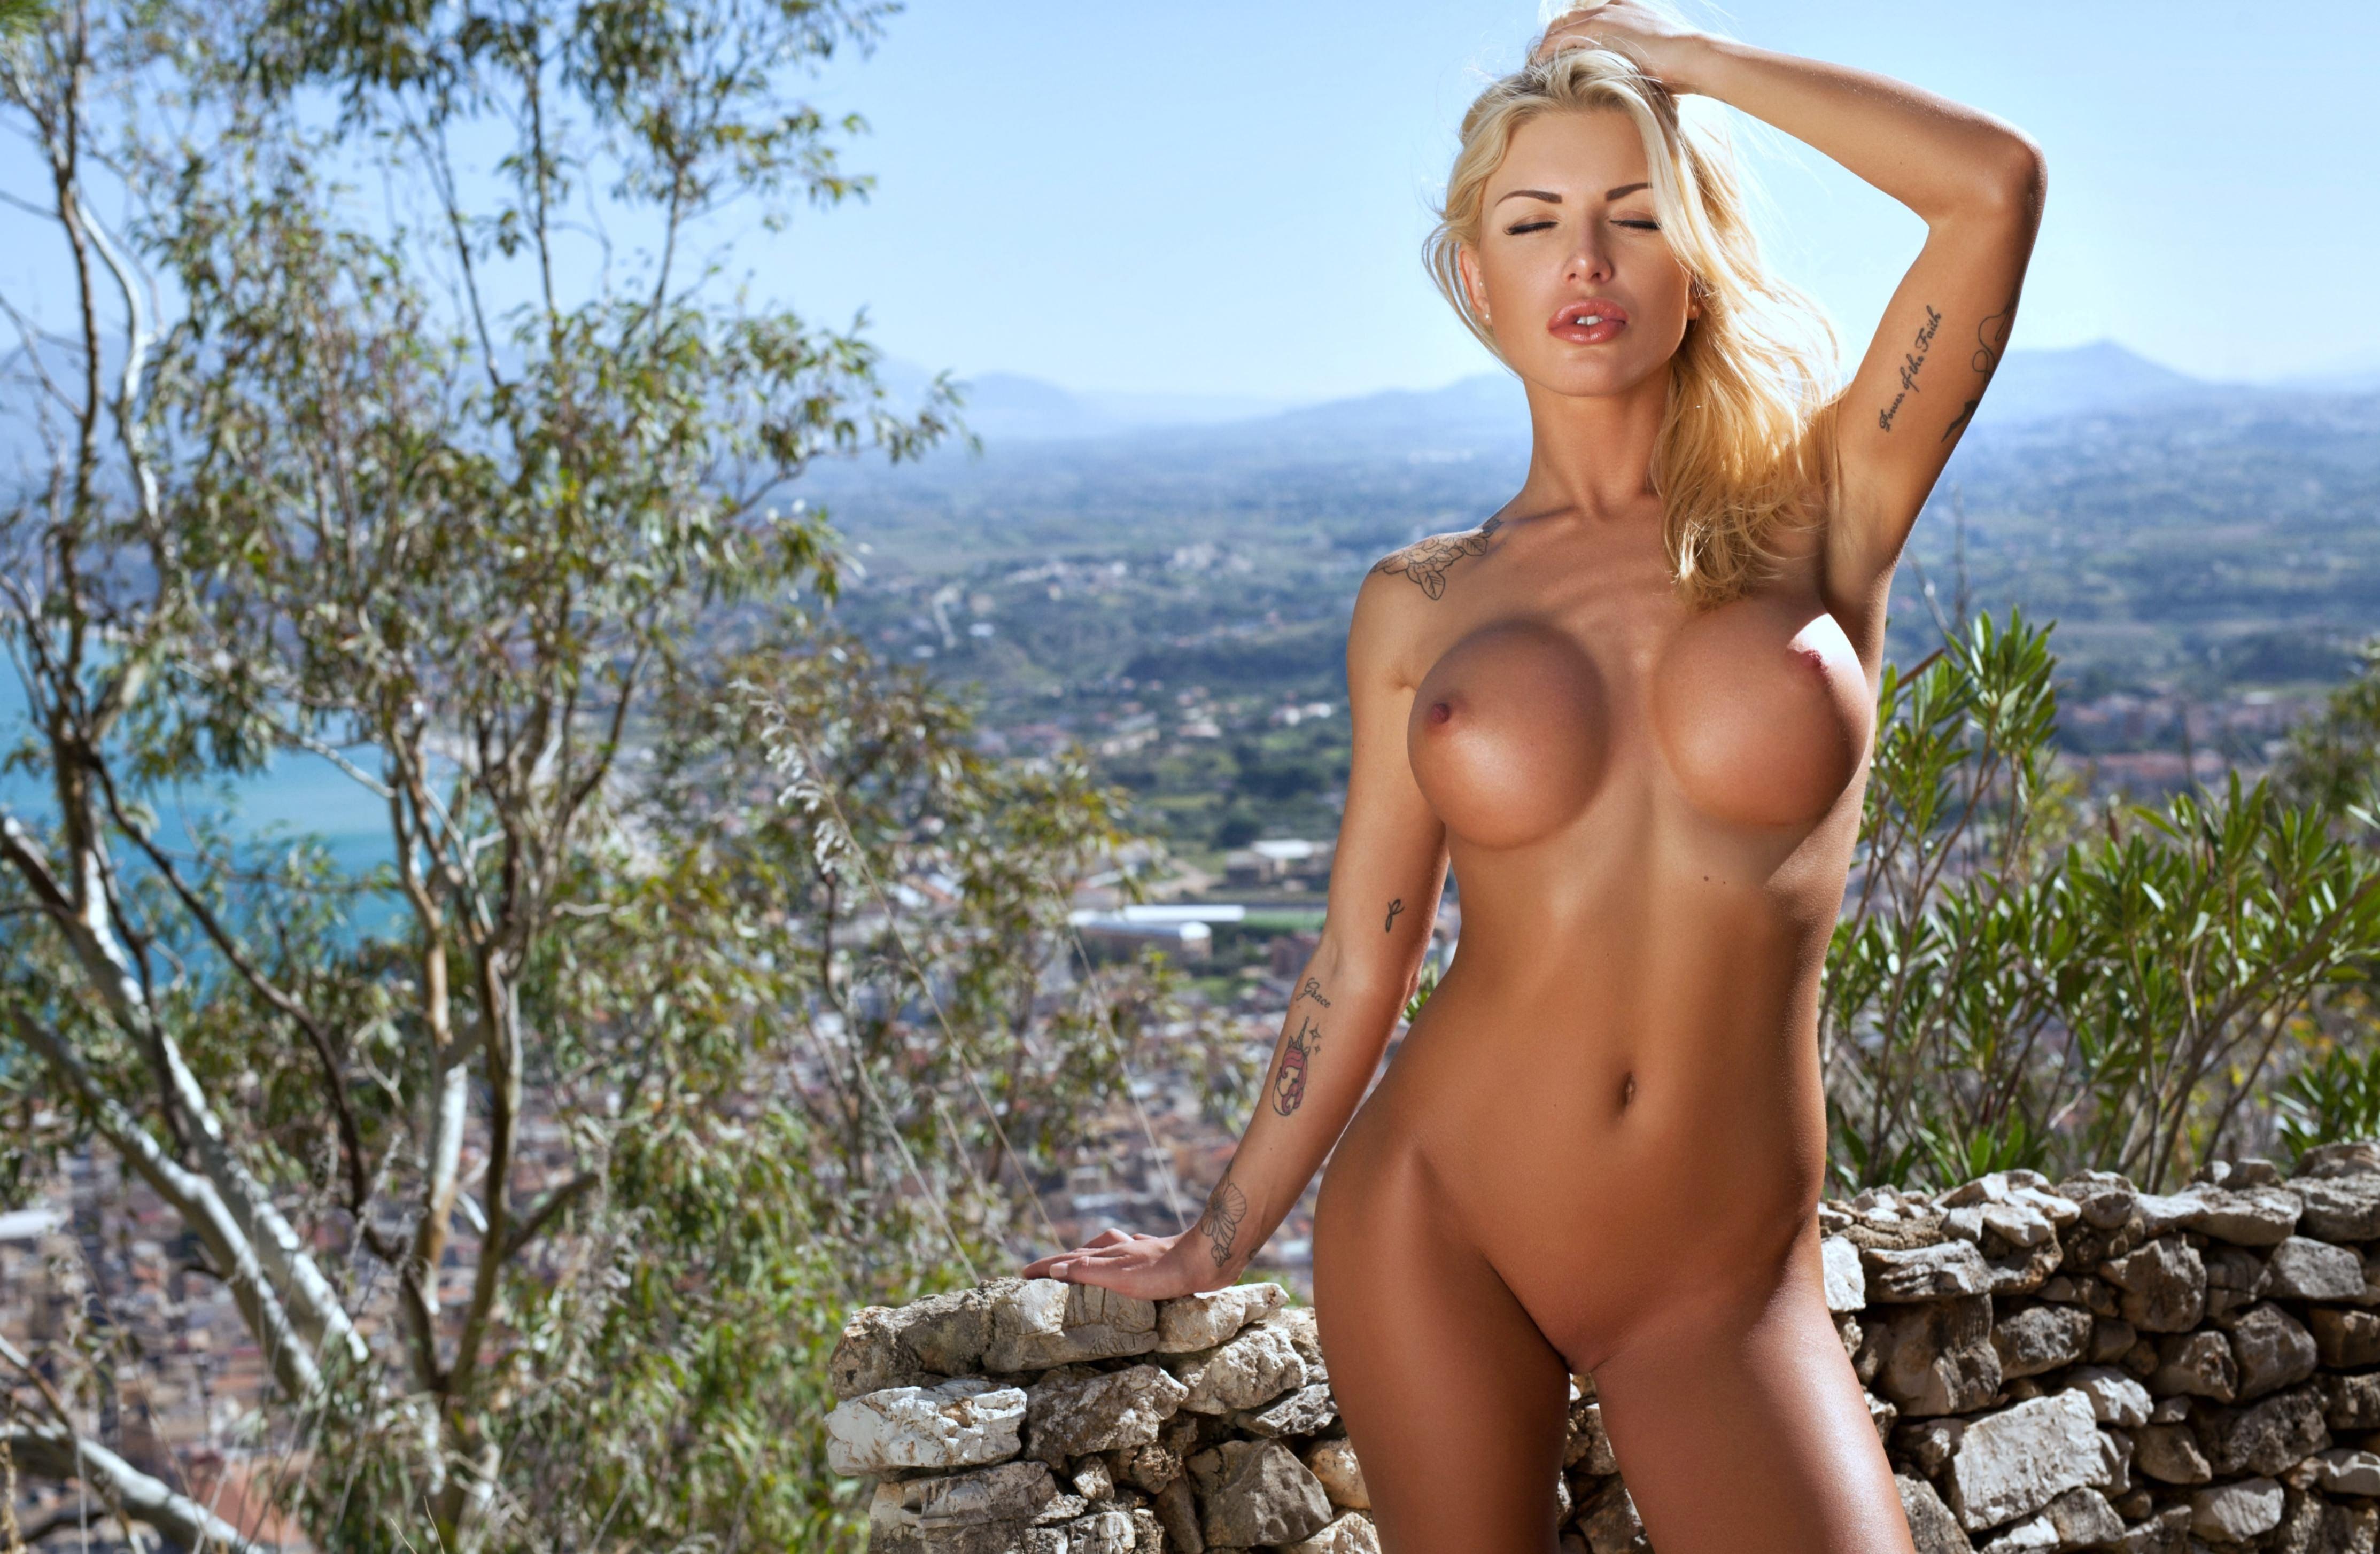 Онлайн лесбиянки упругие сиськи блондинки женщины прозрачном